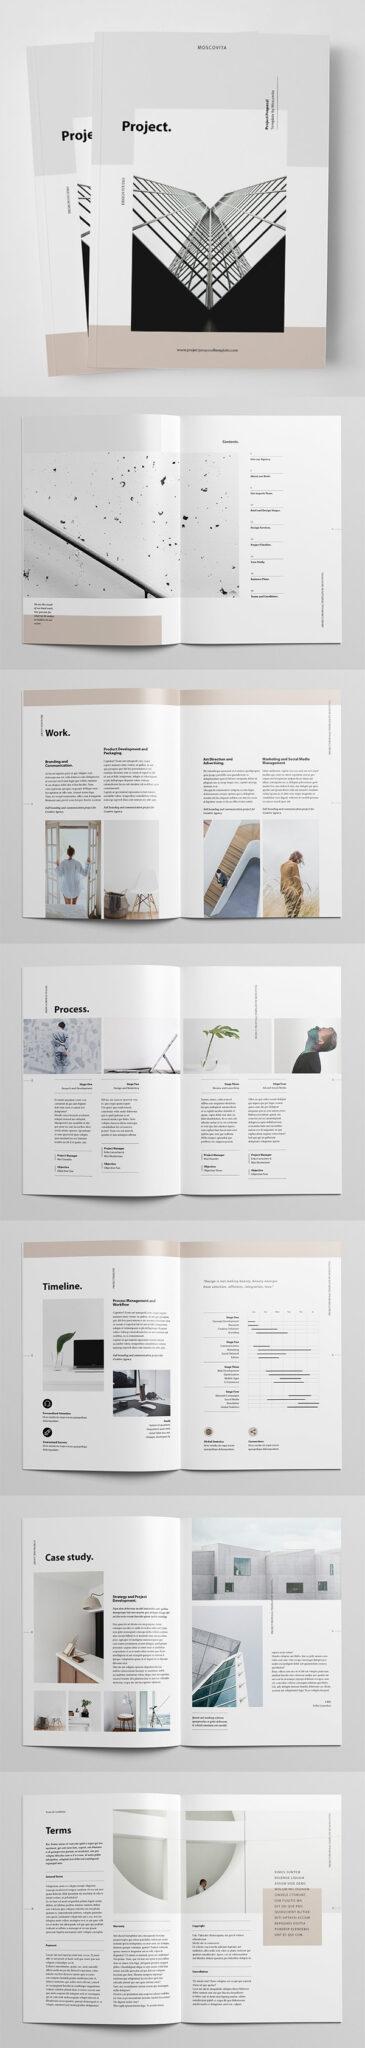 Diseño de mockups de propuesta de negocio profesional - 5